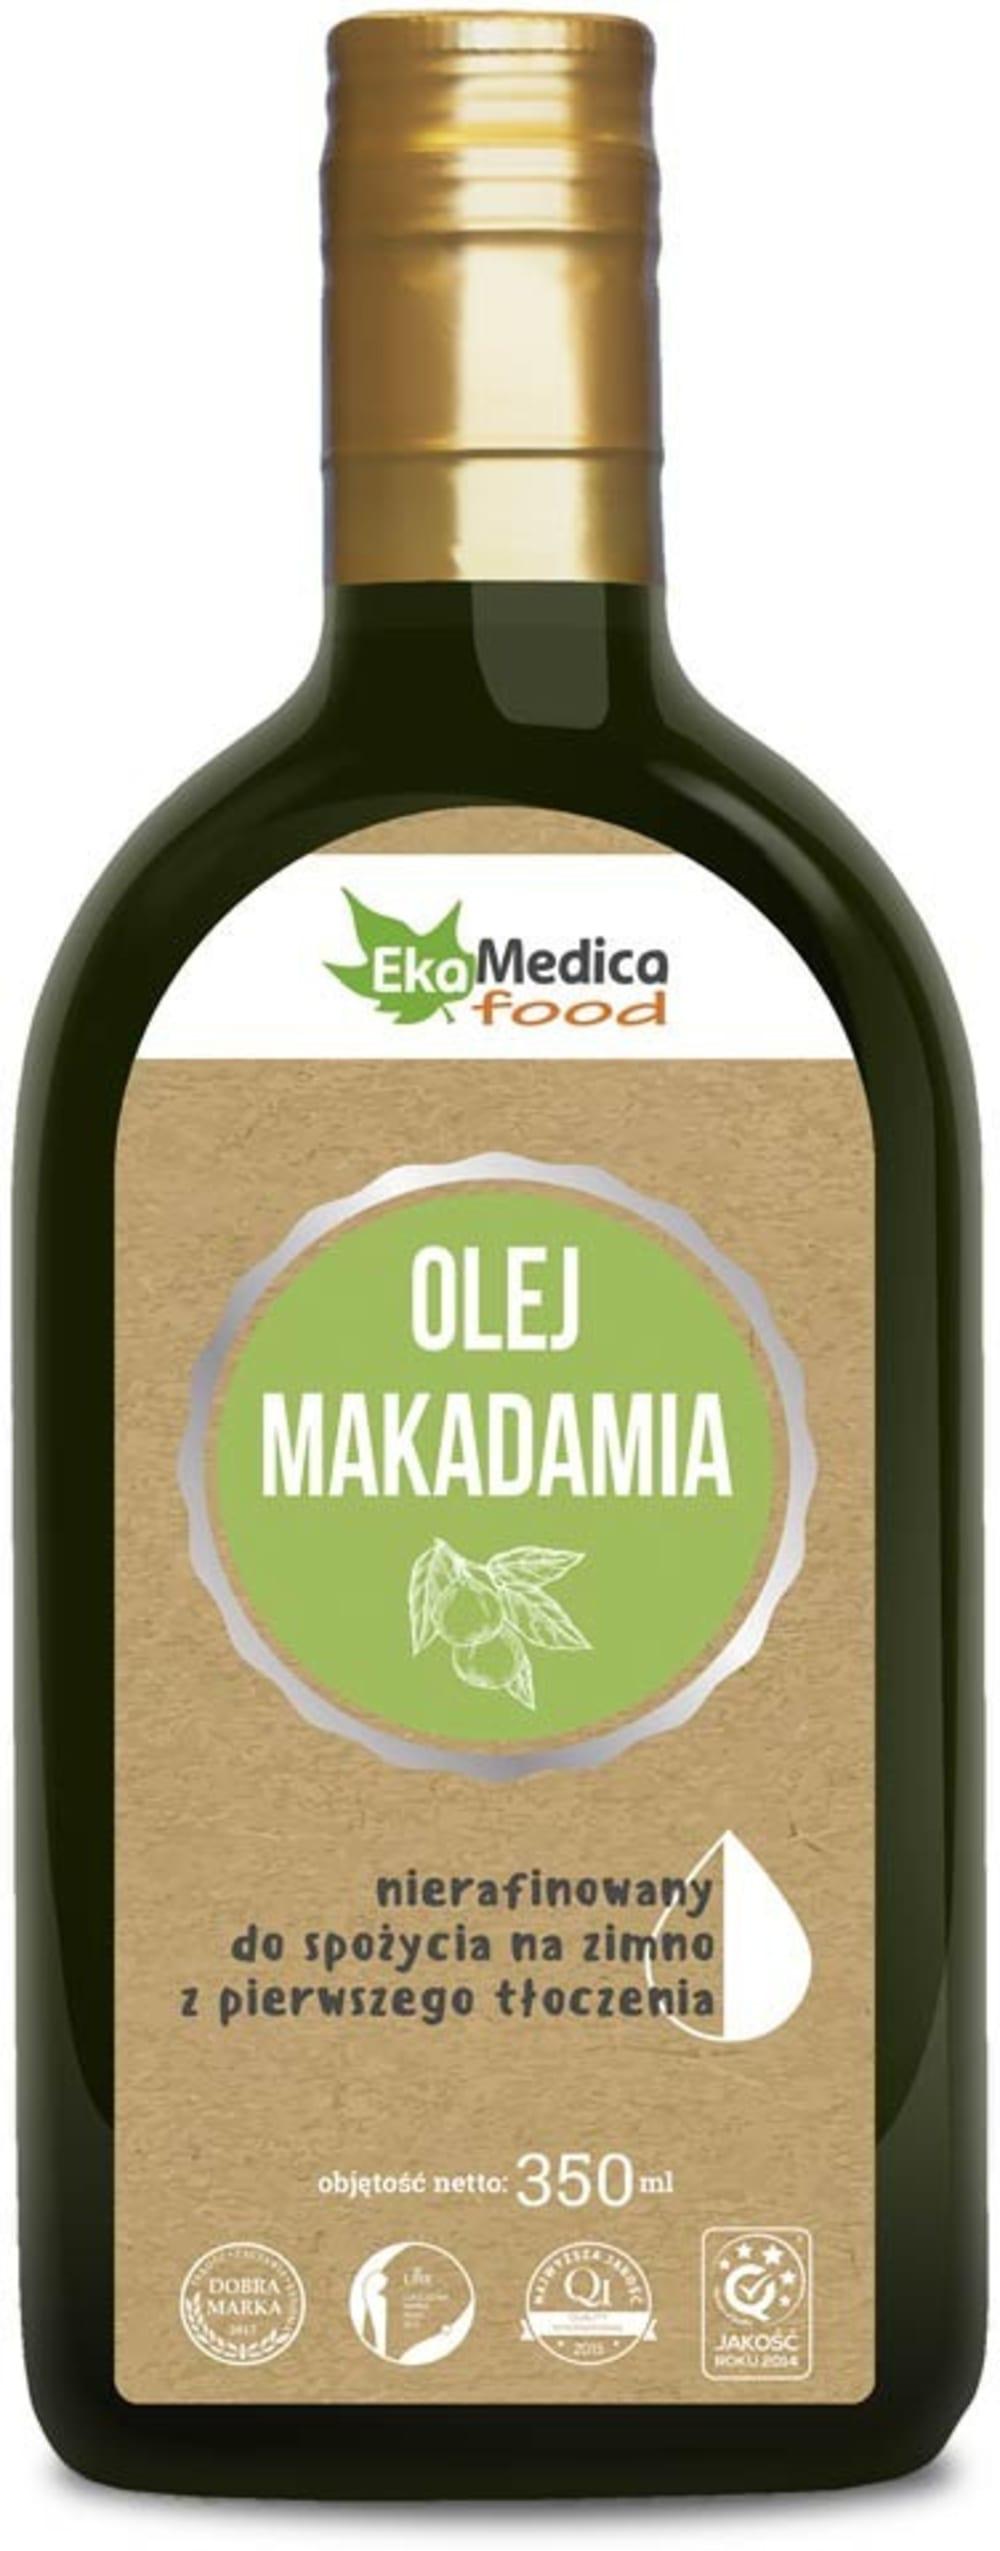 Olej Makadamia 350ml